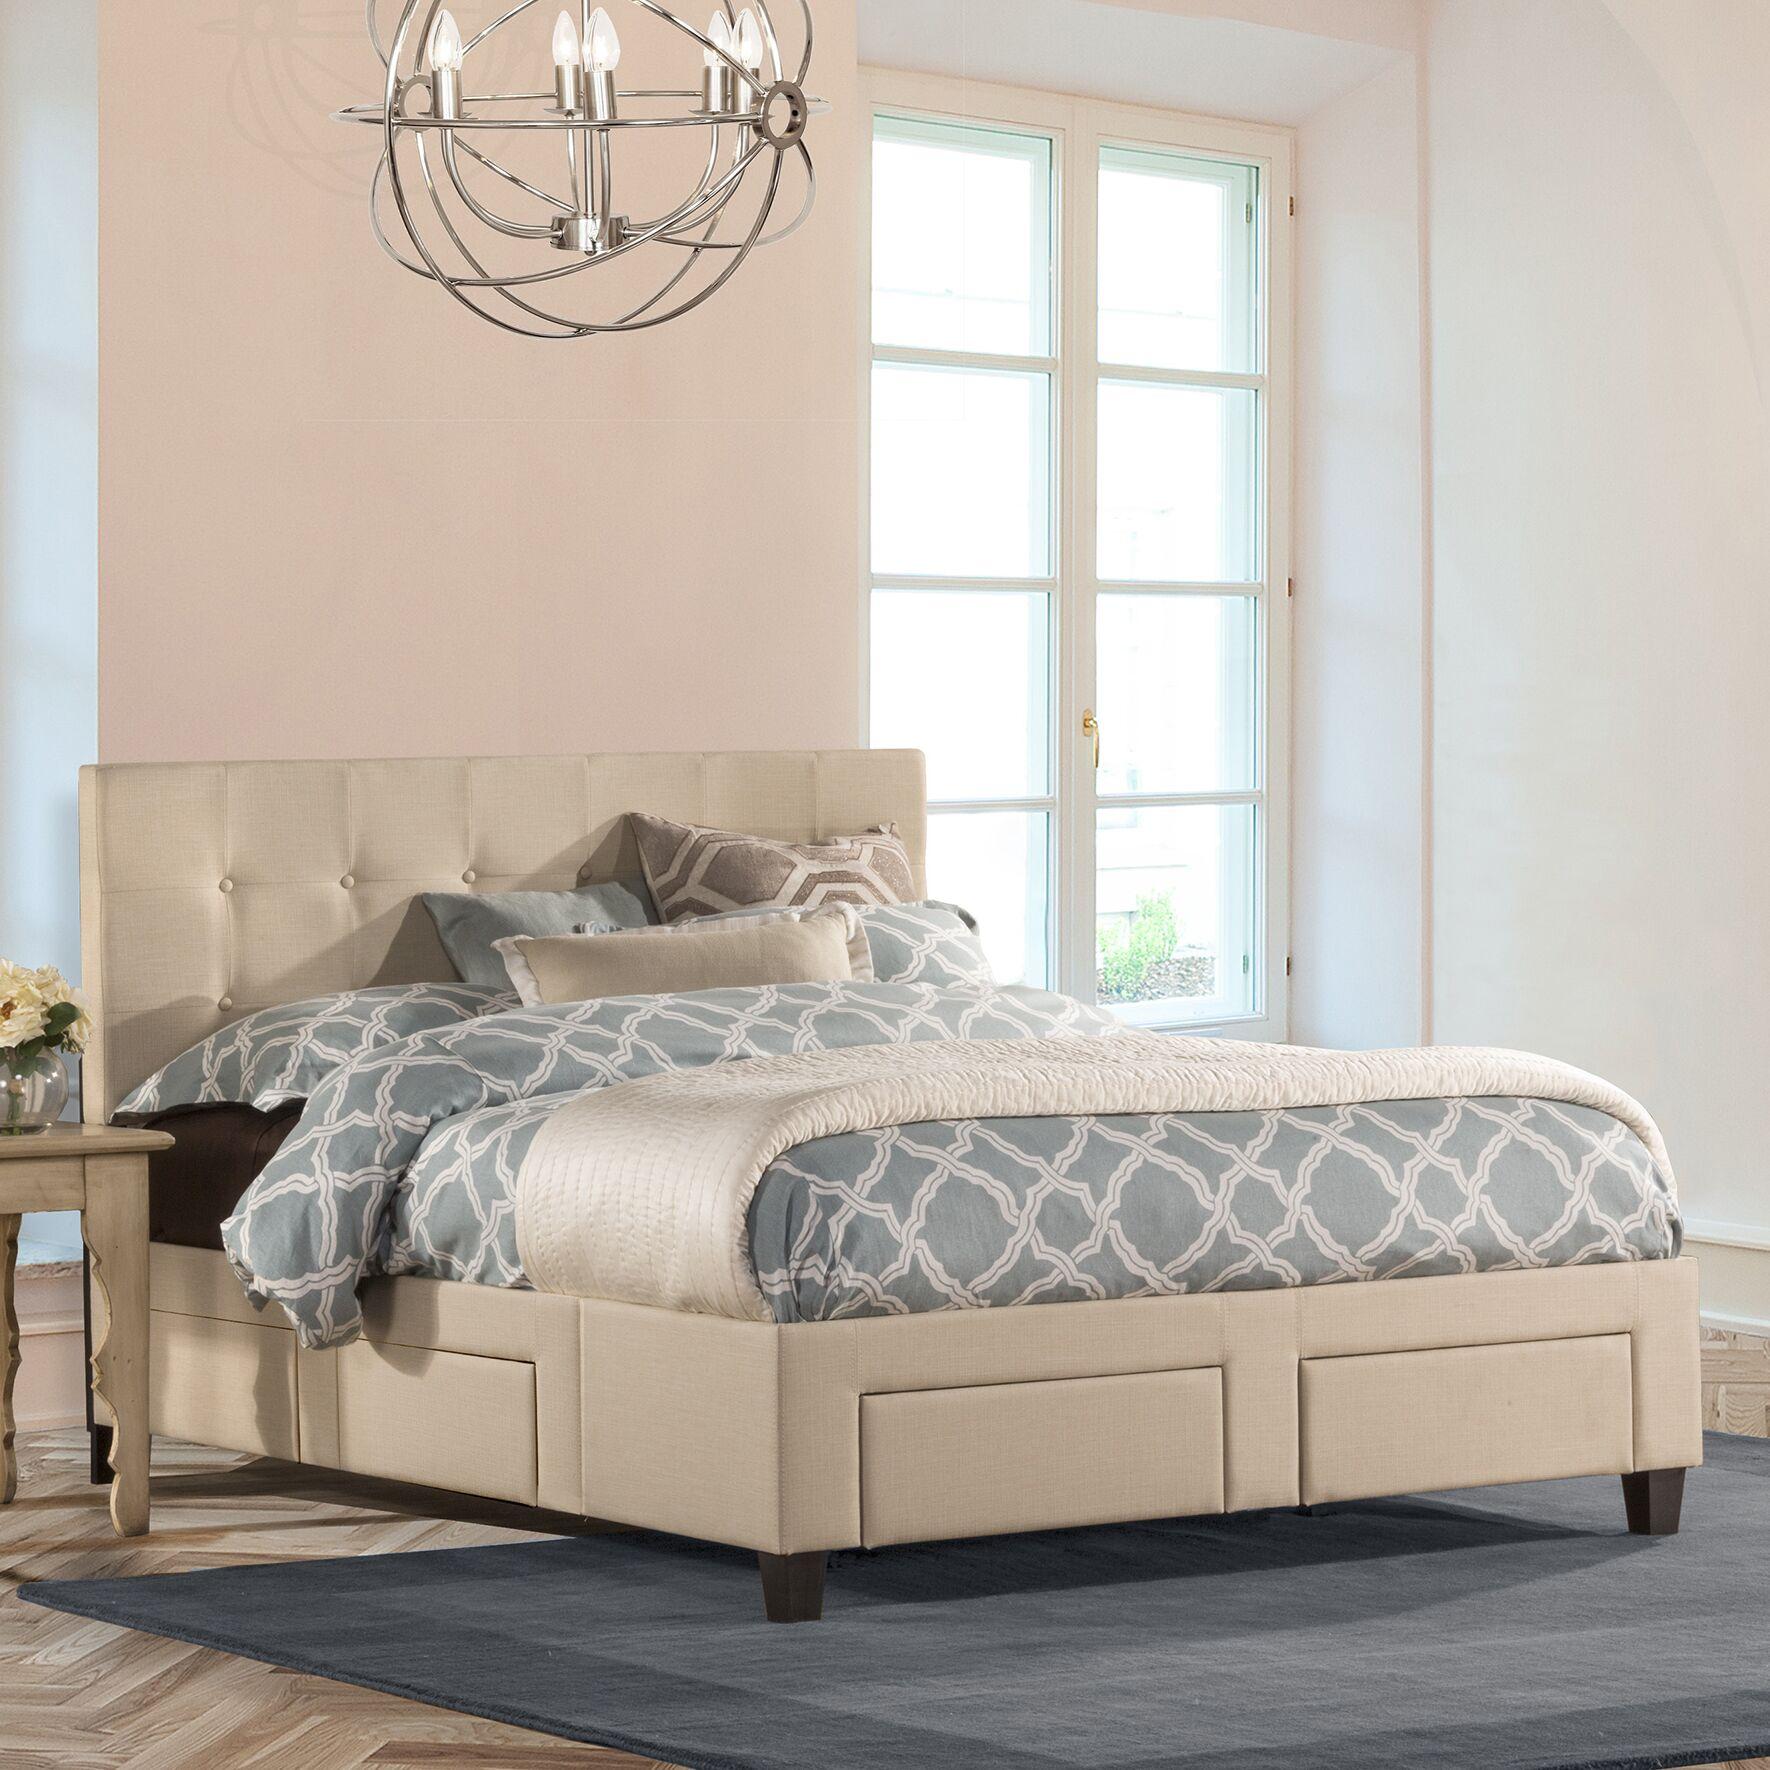 Milla Upholstered Storage Platform Bed Size: King